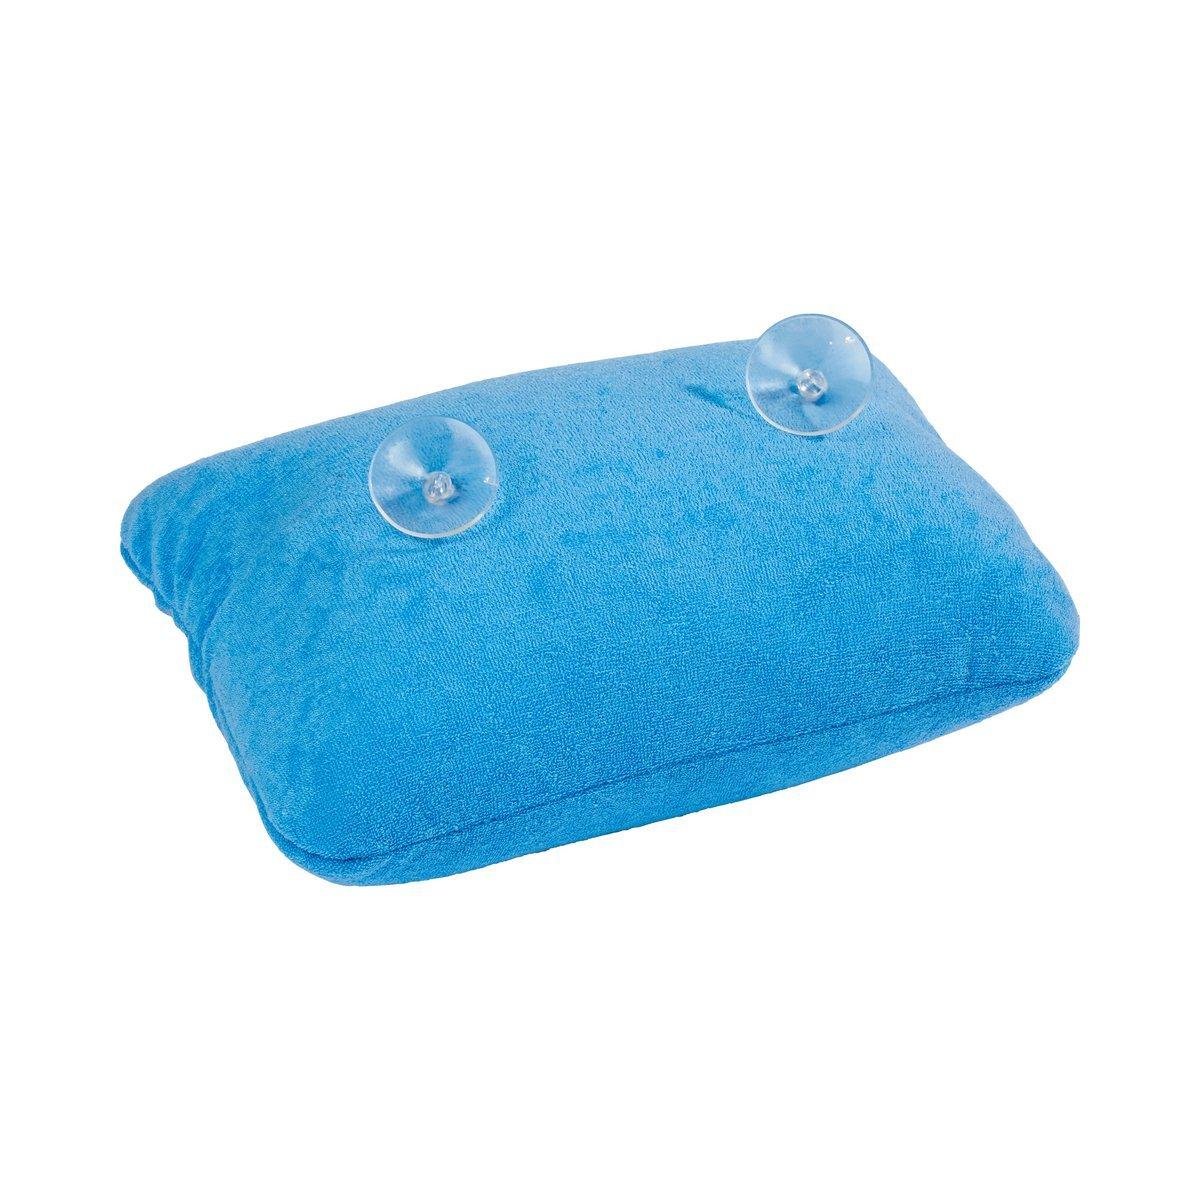 1 A-handelsagentur appui-tête pour baignoire de luxe couleur : bleu avec ventouses pour baignoire avec coussin microperlen de nuque